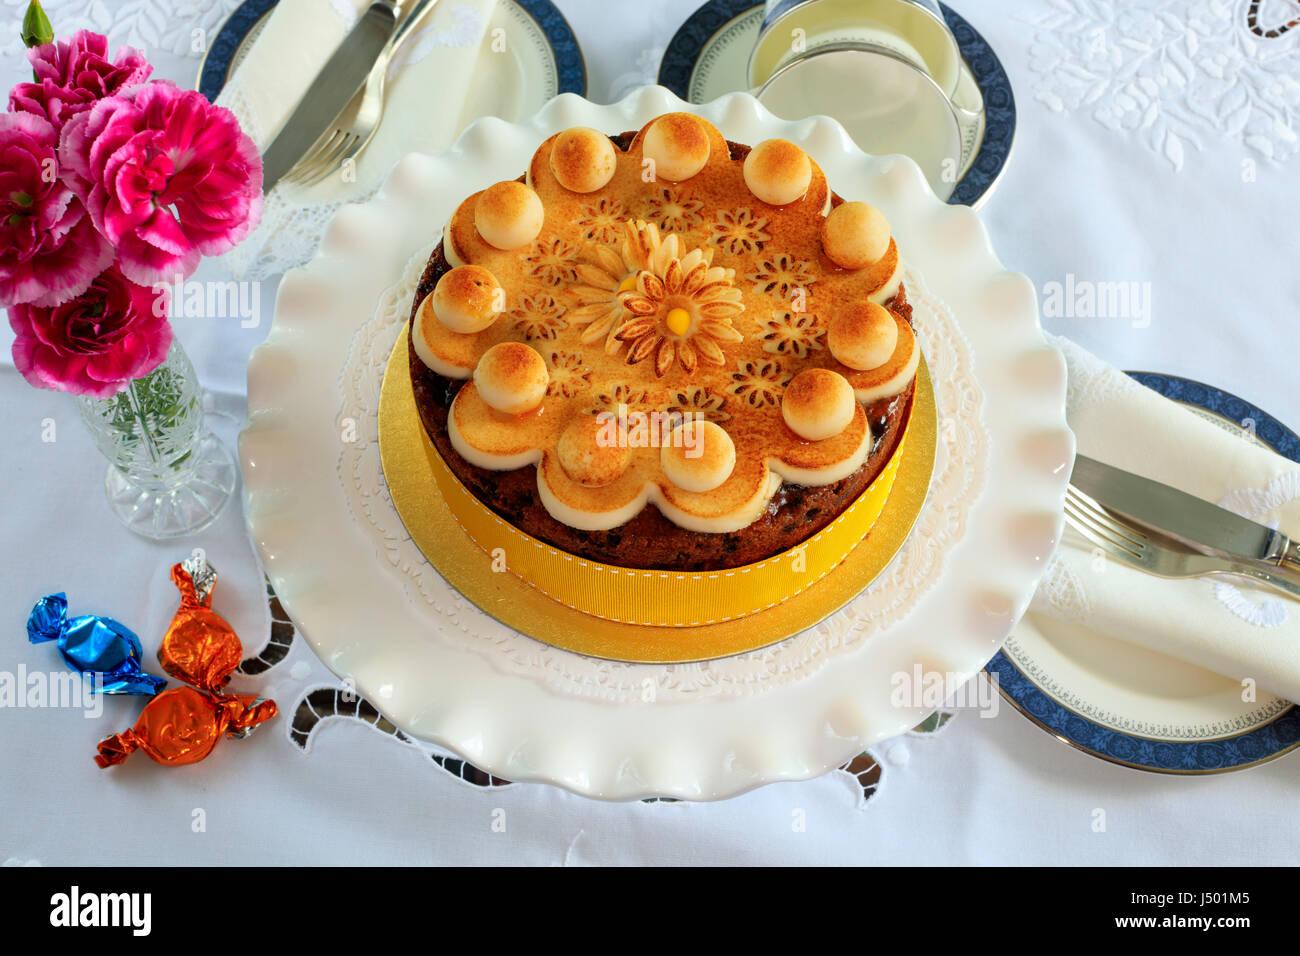 Simnel cake - Pascua tradicional pastel de frutas decorado con mazapán en una mesa puesta para el té. Foto de stock